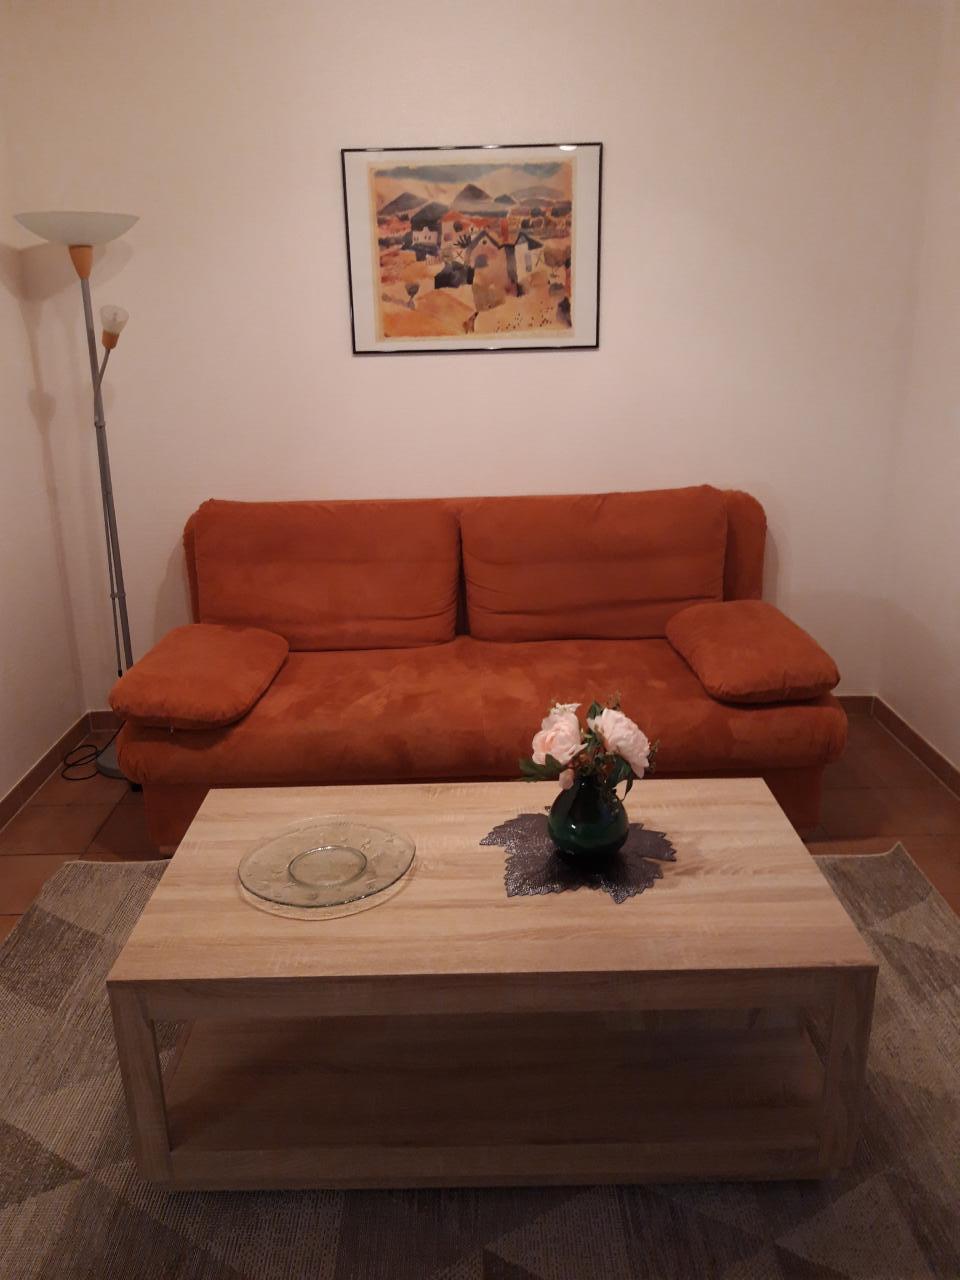 Ferienhaus / Bungalow 15 neu renoviert für 4-6 Personen in der Rhön Residence Bungalows (757460), Dipperz, Rhön (Hessen), Hessen, Deutschland, Bild 4